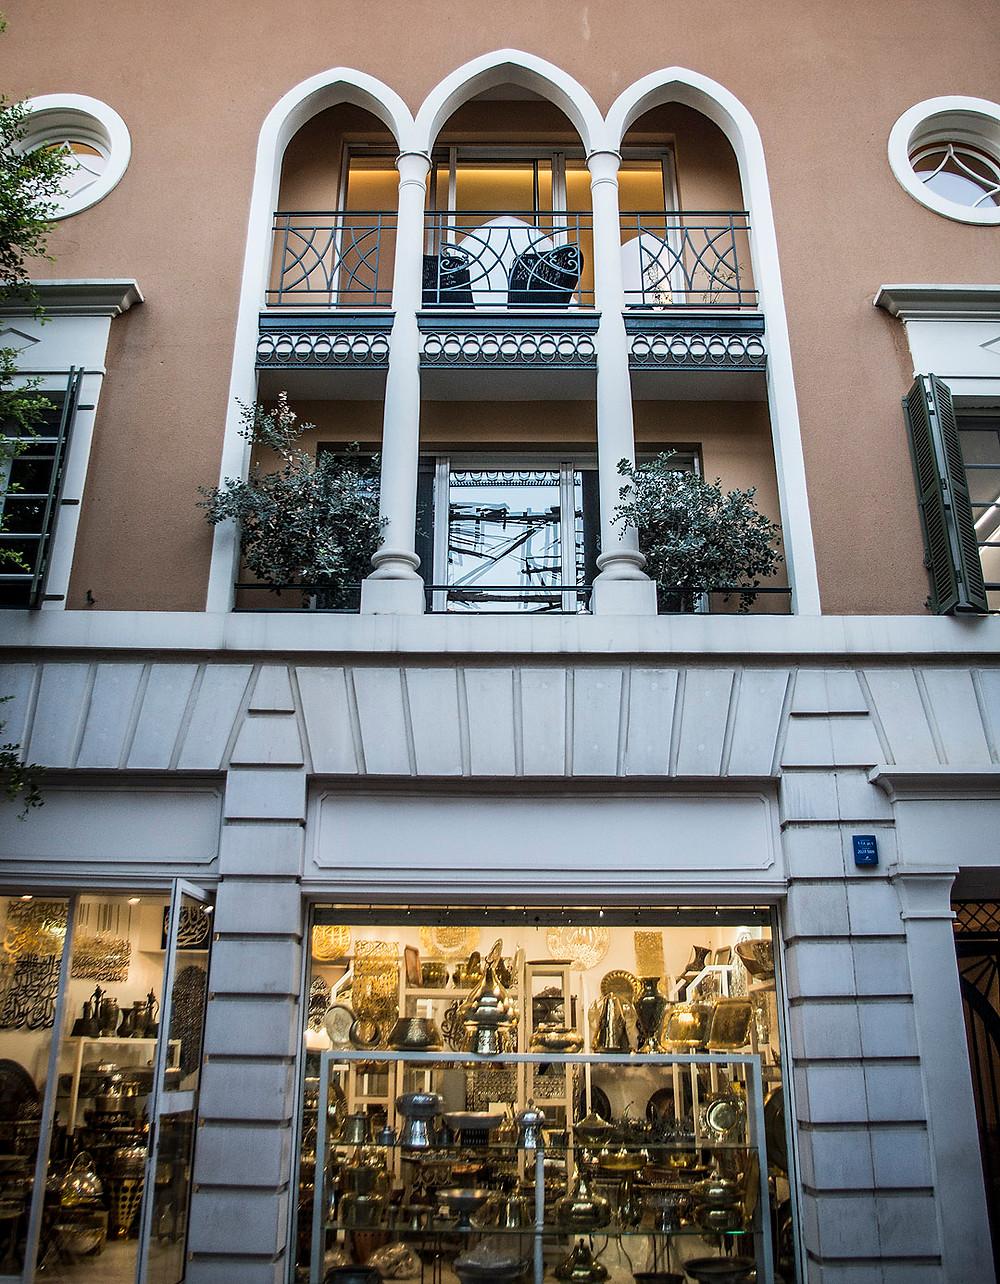 Lamp shop on Said Akel Street